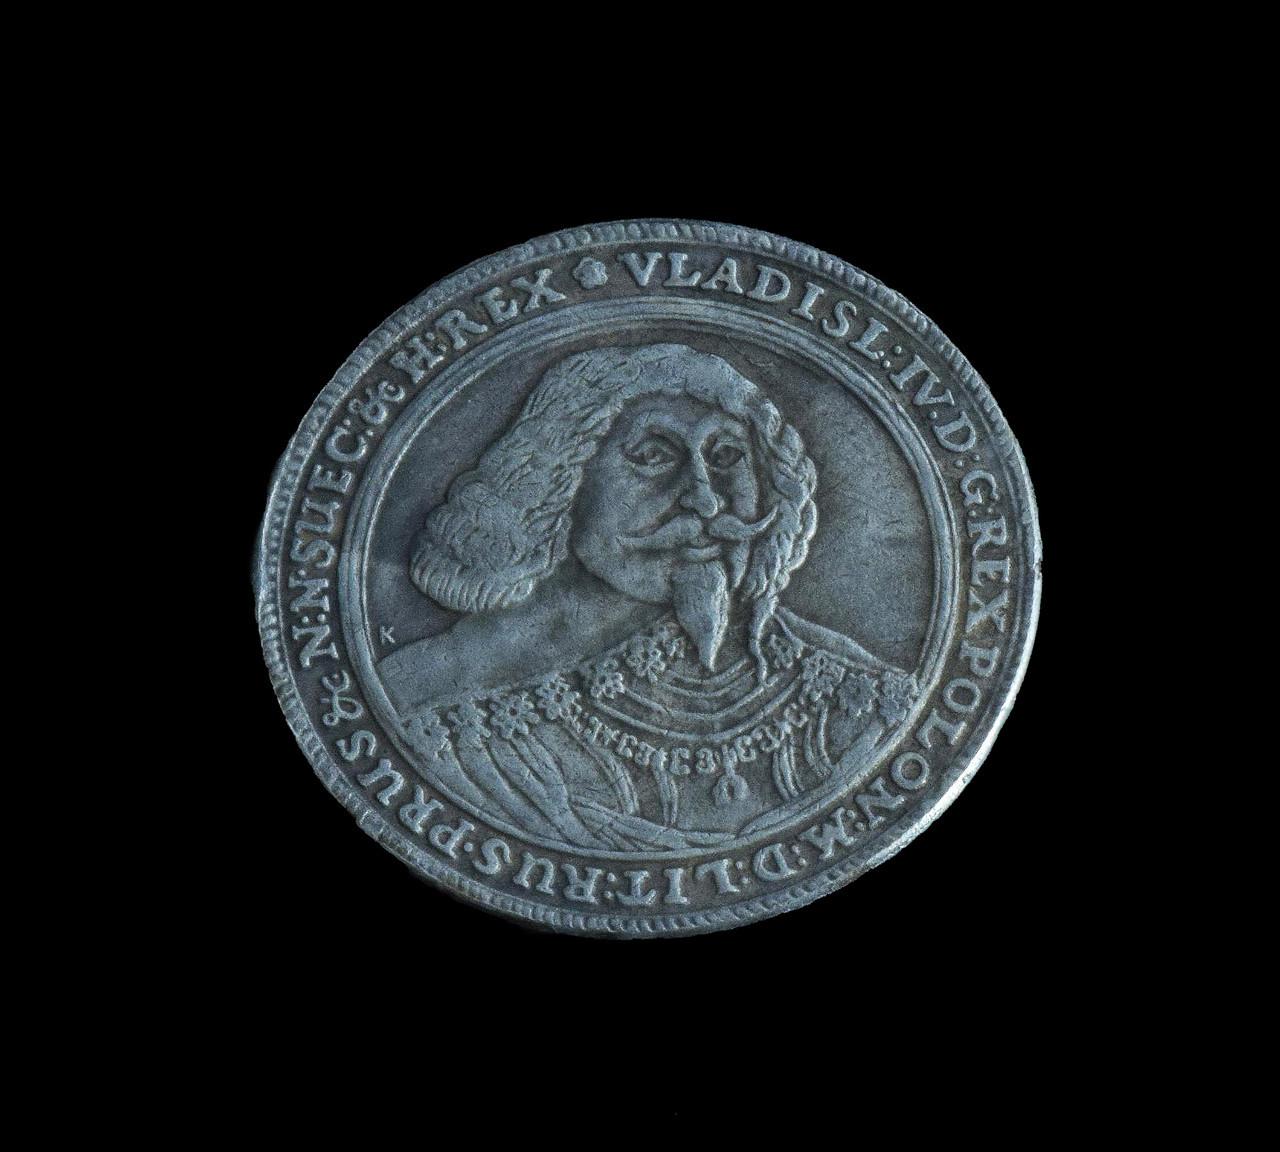 Талер 1637 г. Владислав 4, реплика монеты в серебре №531 копия